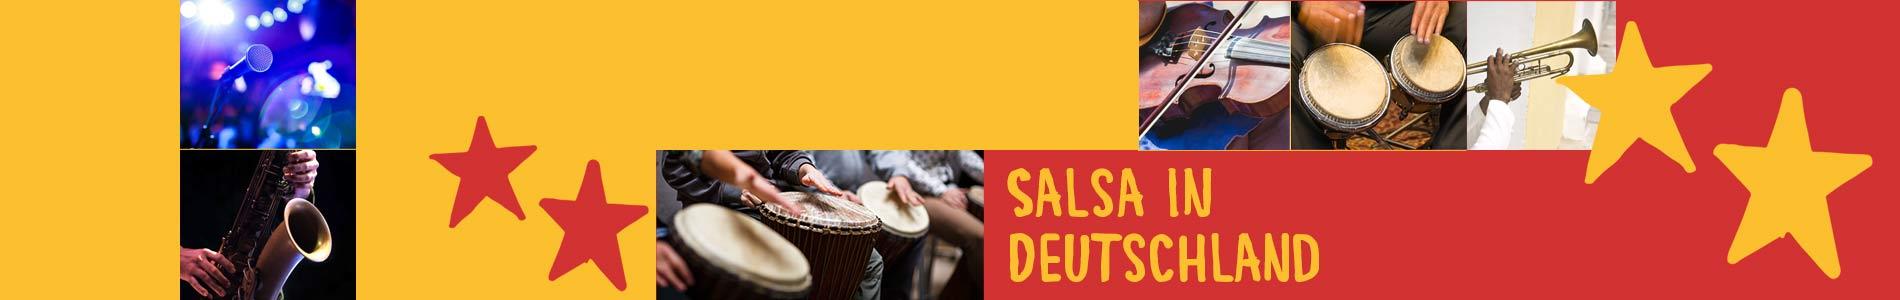 Salsa in Buckenhof – Salsa lernen und tanzen, Tanzkurse, Partys, Veranstaltungen